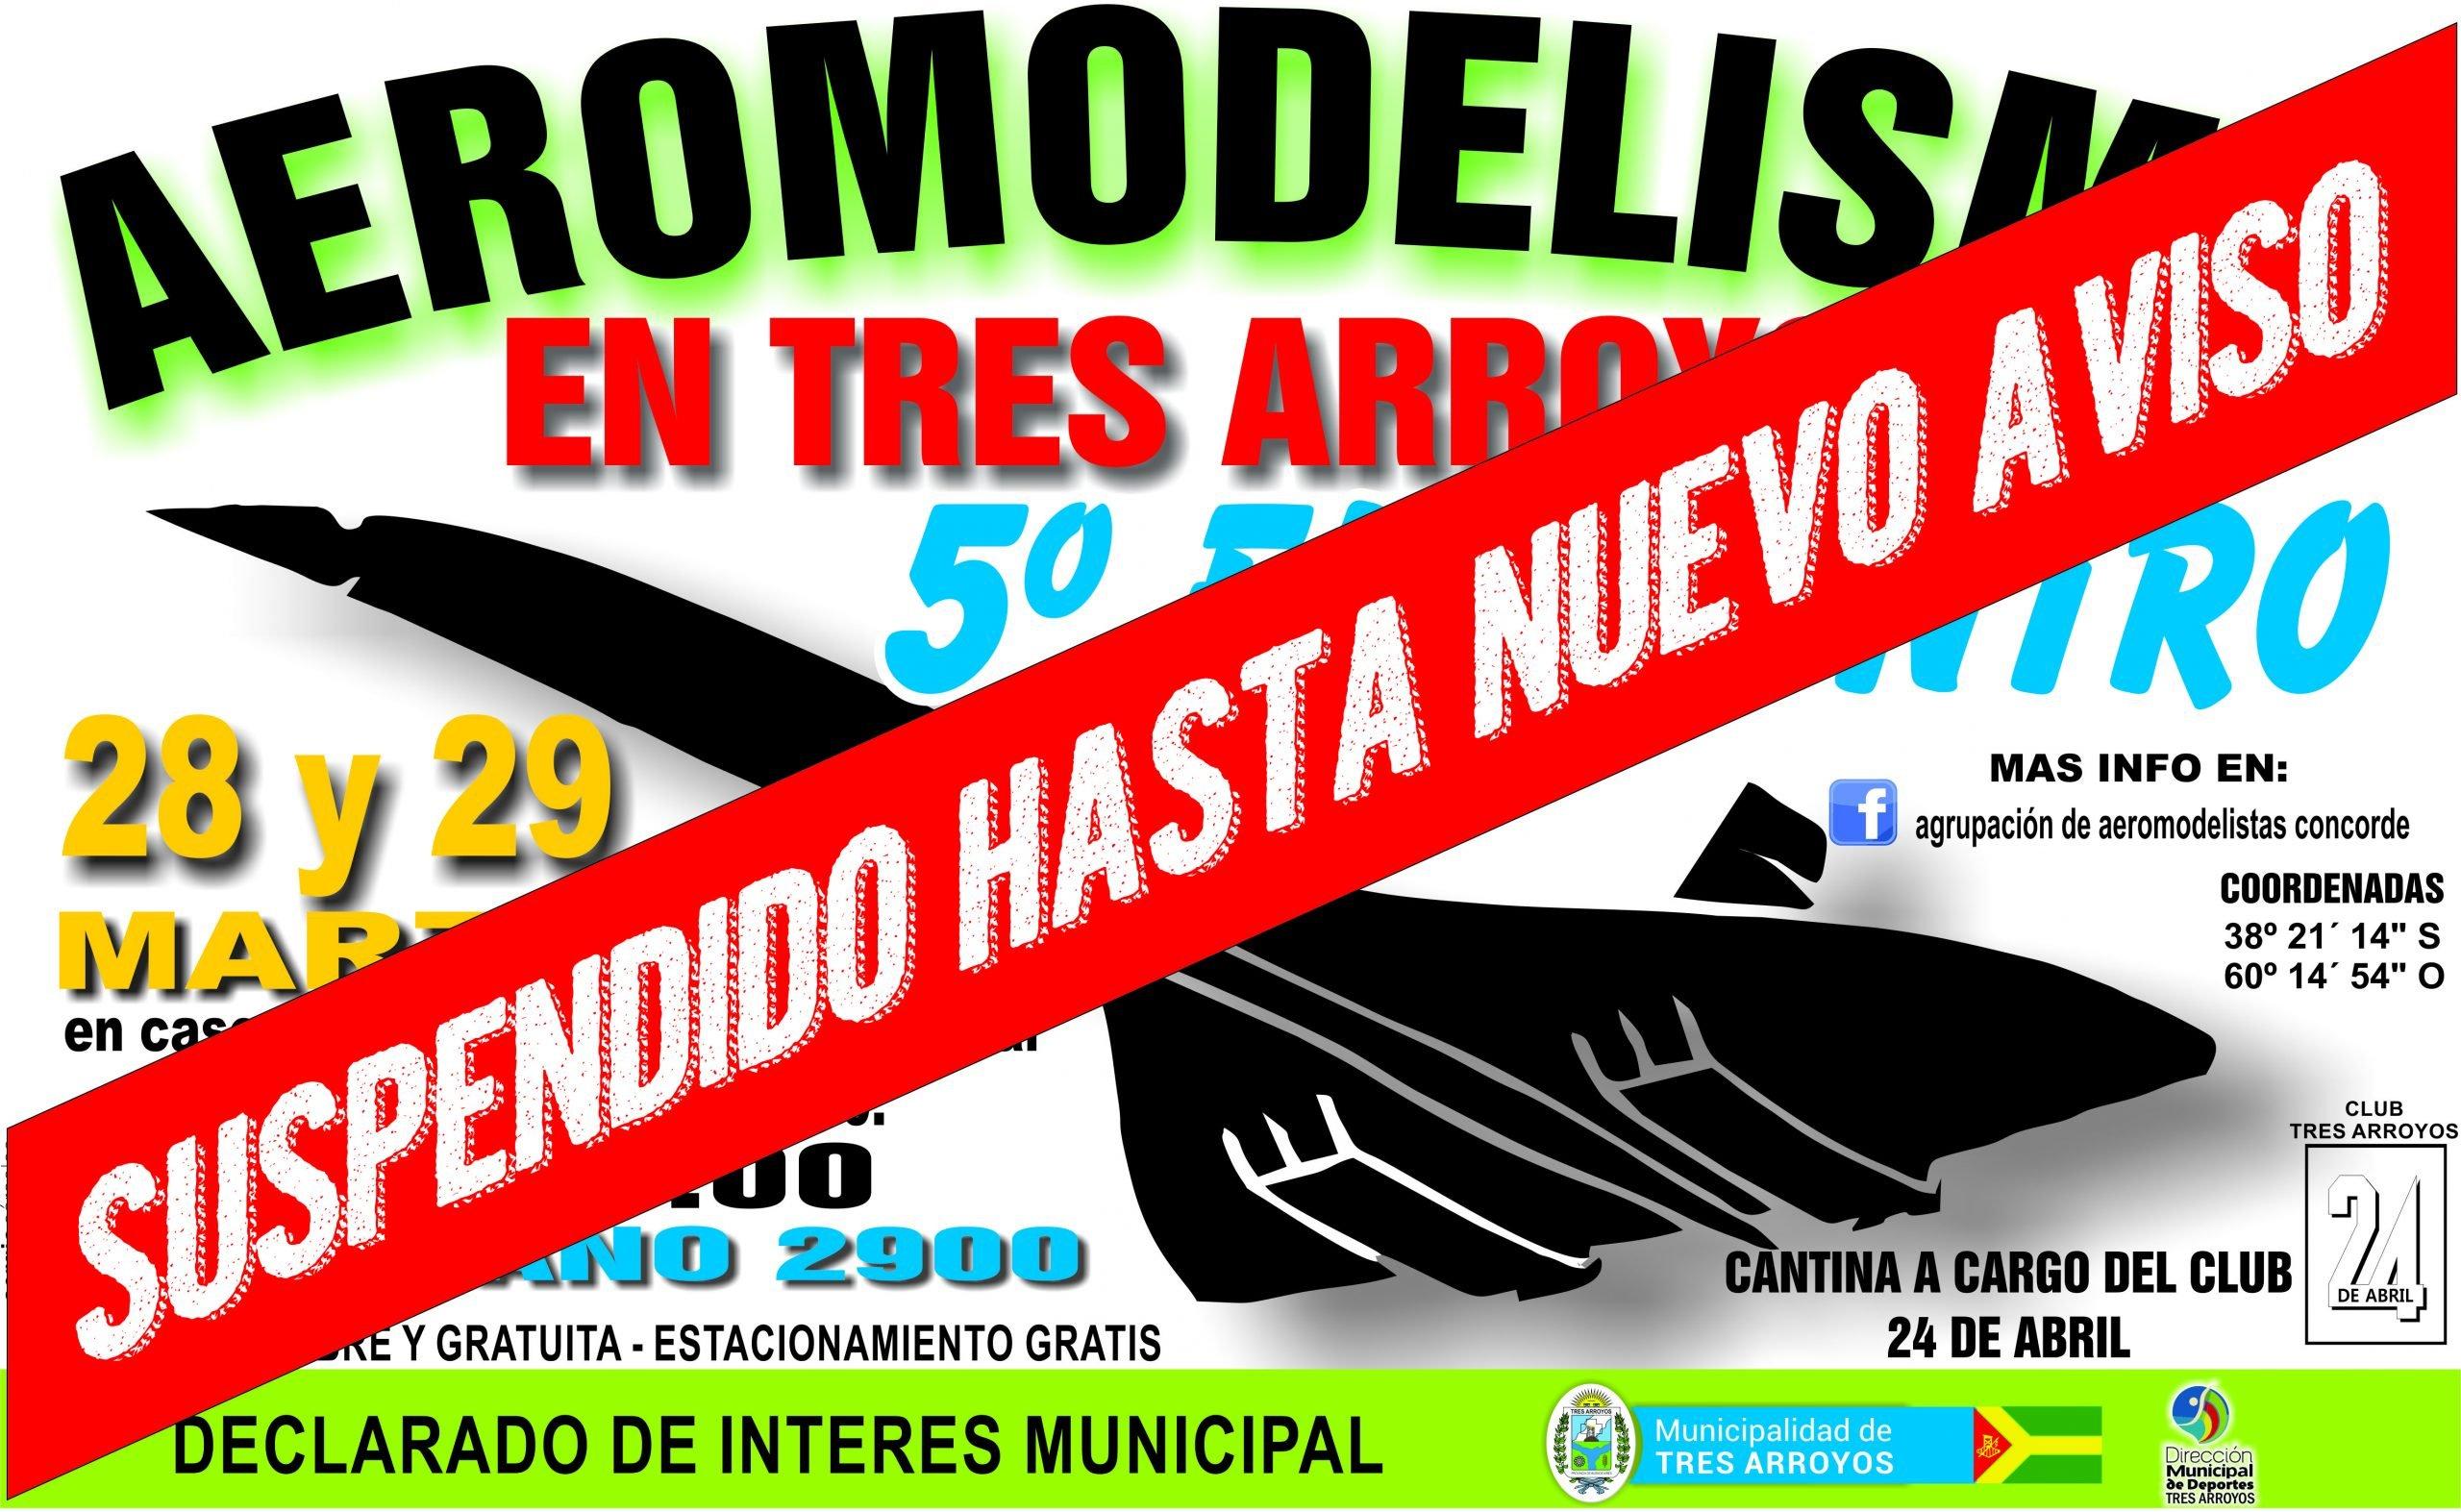 Suspenden el 5º Encuentro de Aeromodelismo en Tres Arroyos